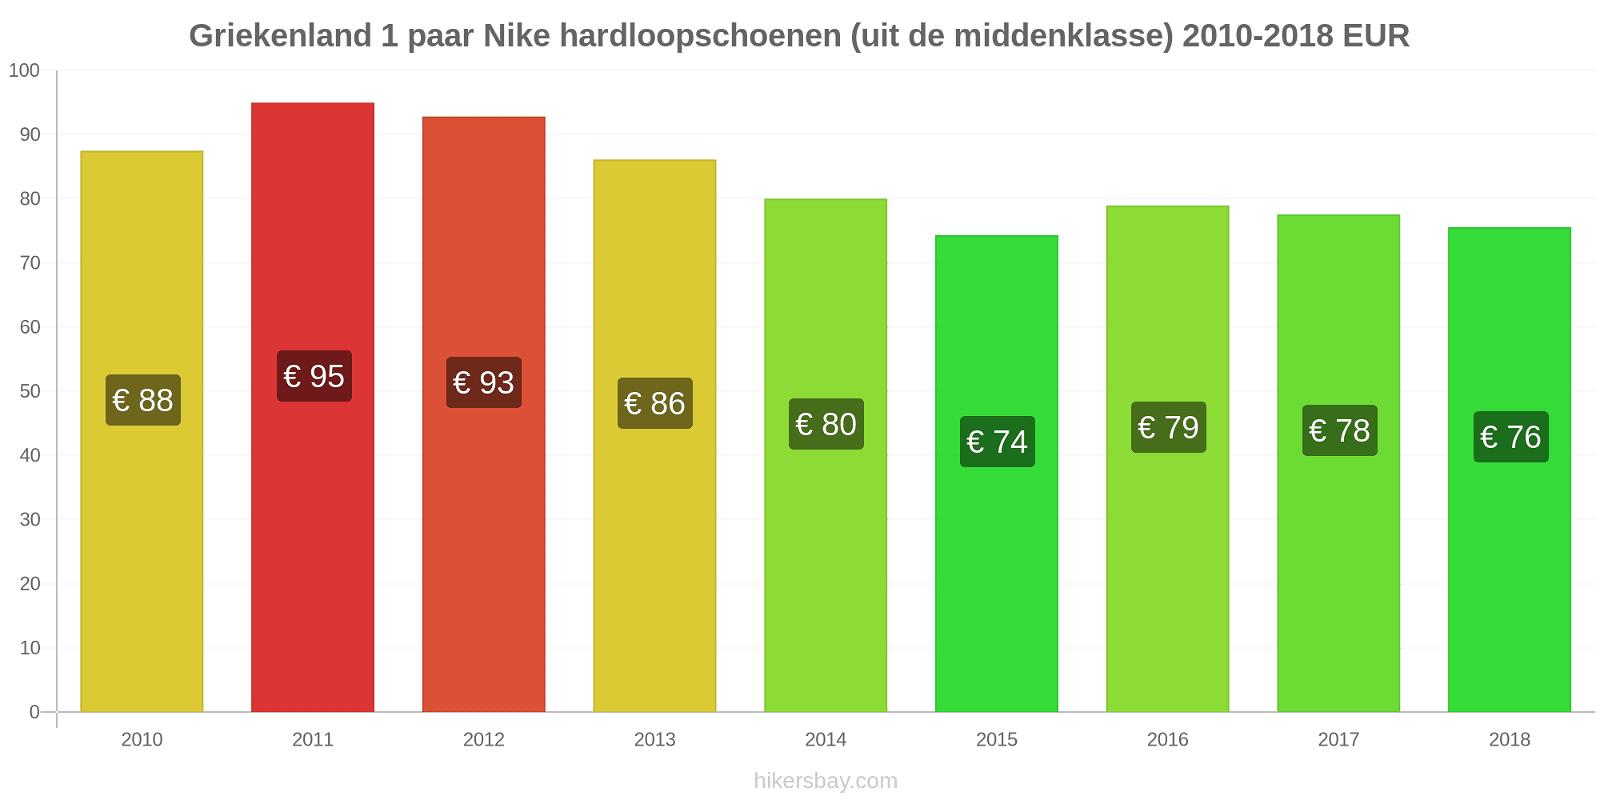 Griekenland prijswijzigingen 1 paar Nike hardloopschoenen (uit de middenklasse) hikersbay.com